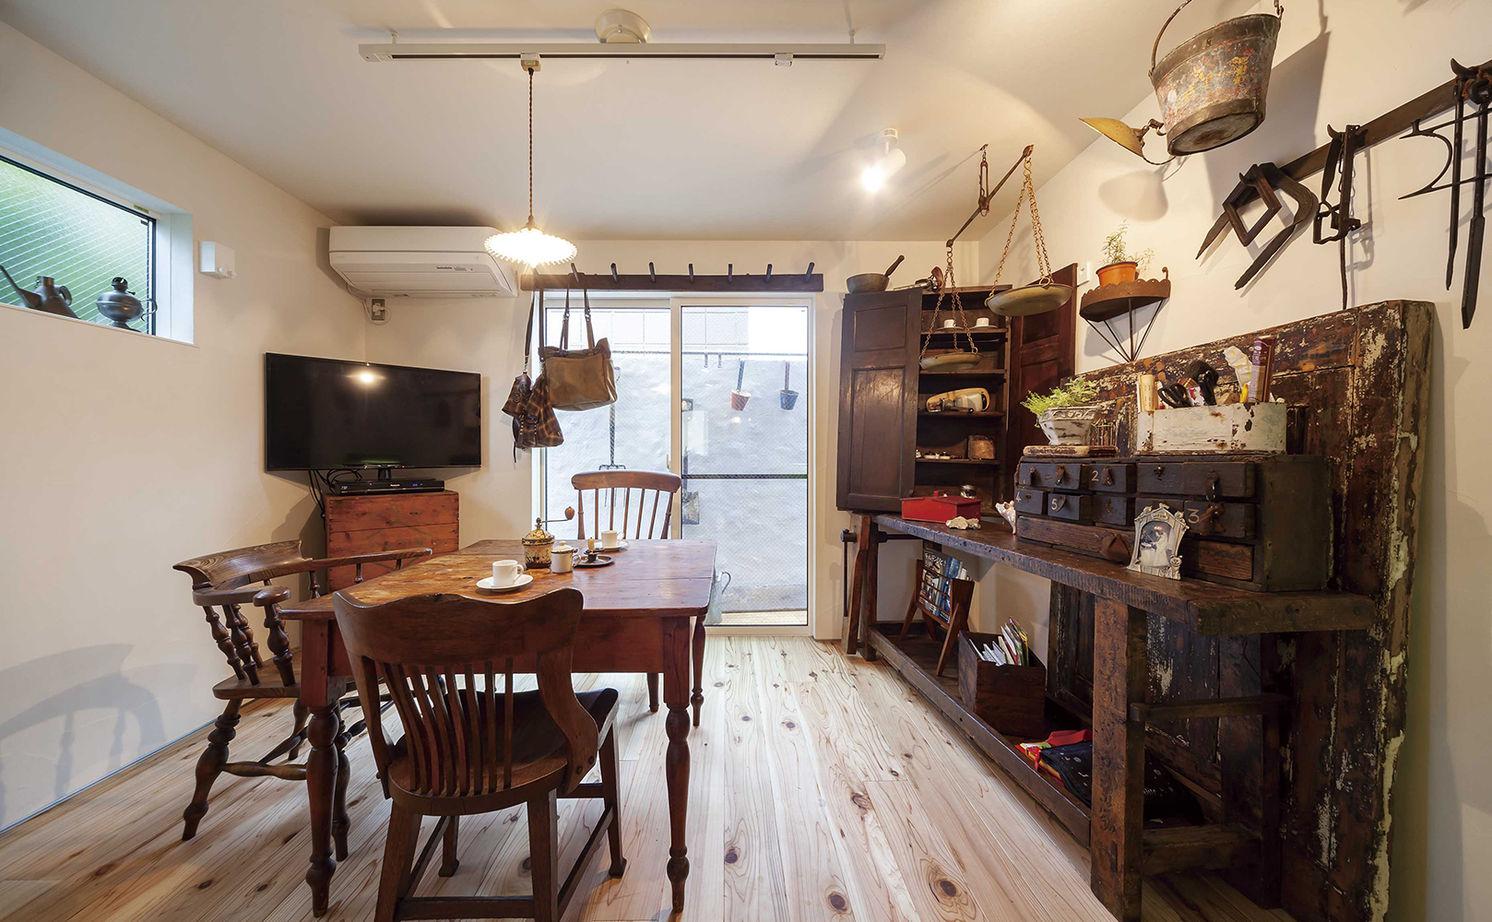 【1470万円】13.8坪の敷地に夢を詰め込んだ「アンティーク・レトロ」な住まい画像3